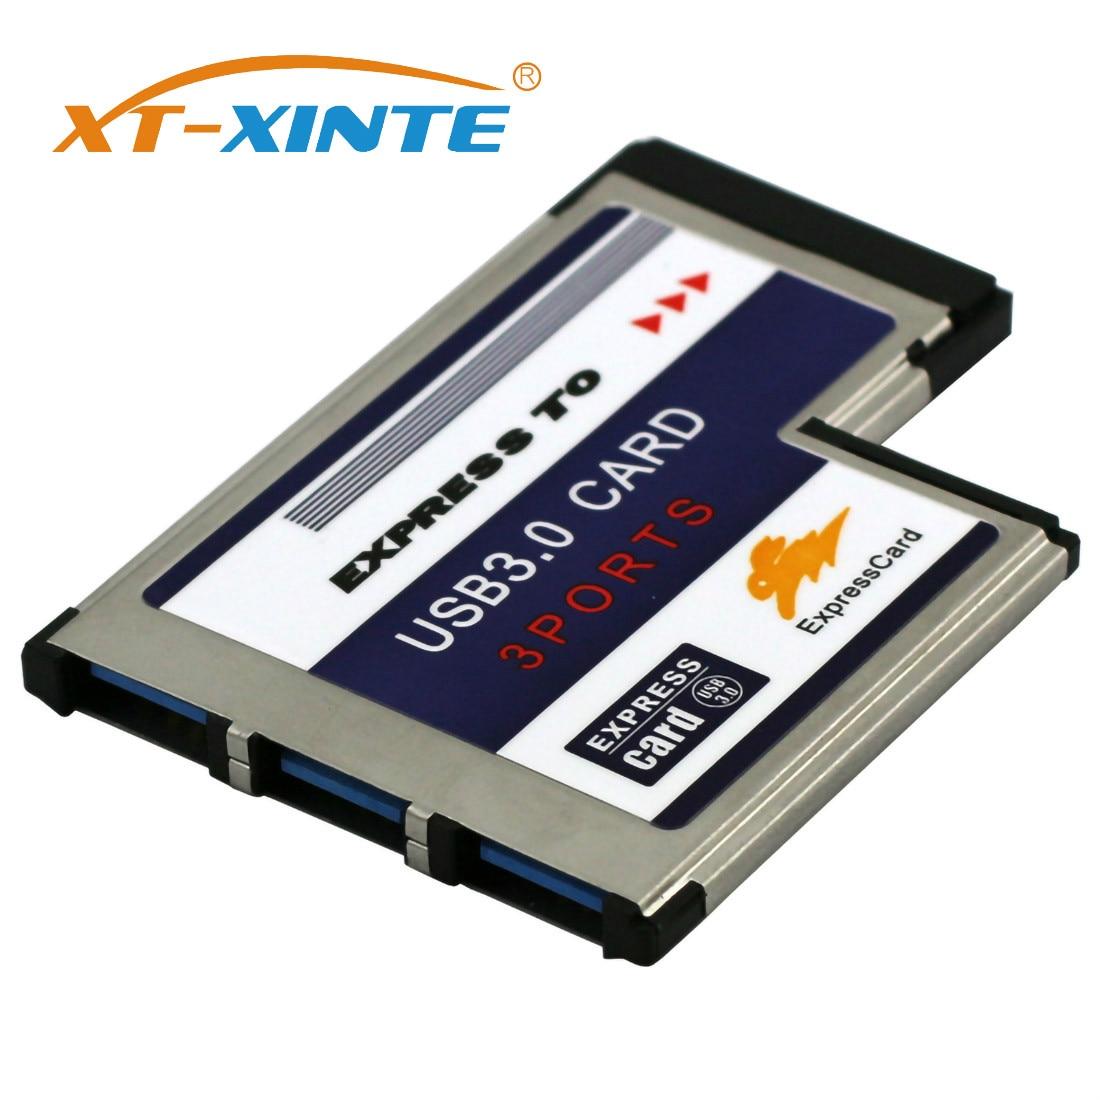 XT-XINTE ocultos dentro de 3 puertos USB 3,0 a Expresscard 54mm adaptador USB3.0 Convertidor para ordenador portátil PCMCIA Express